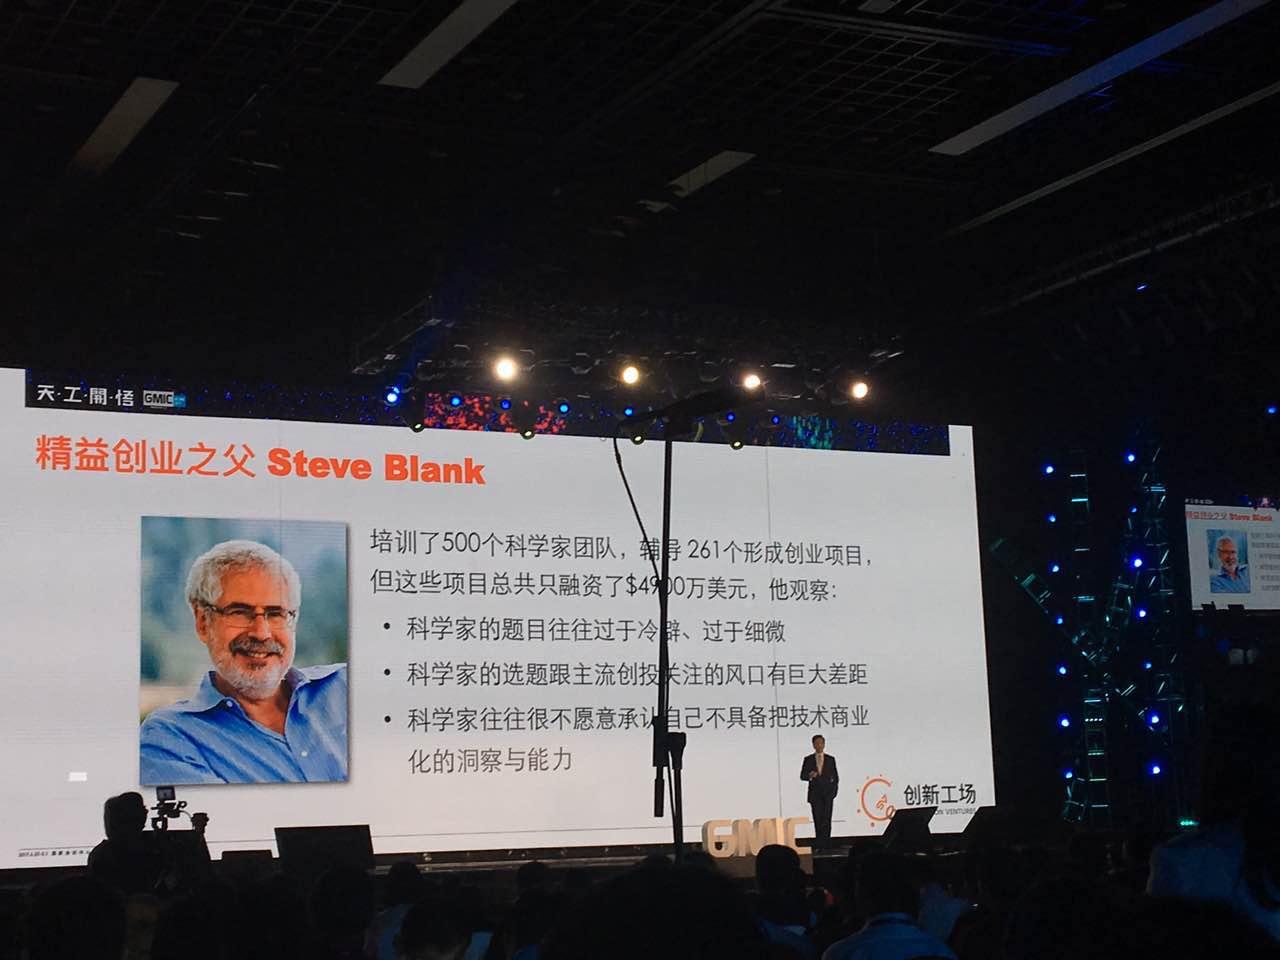 GMIC2017大会李开复演讲:AI创业时代的四条建议